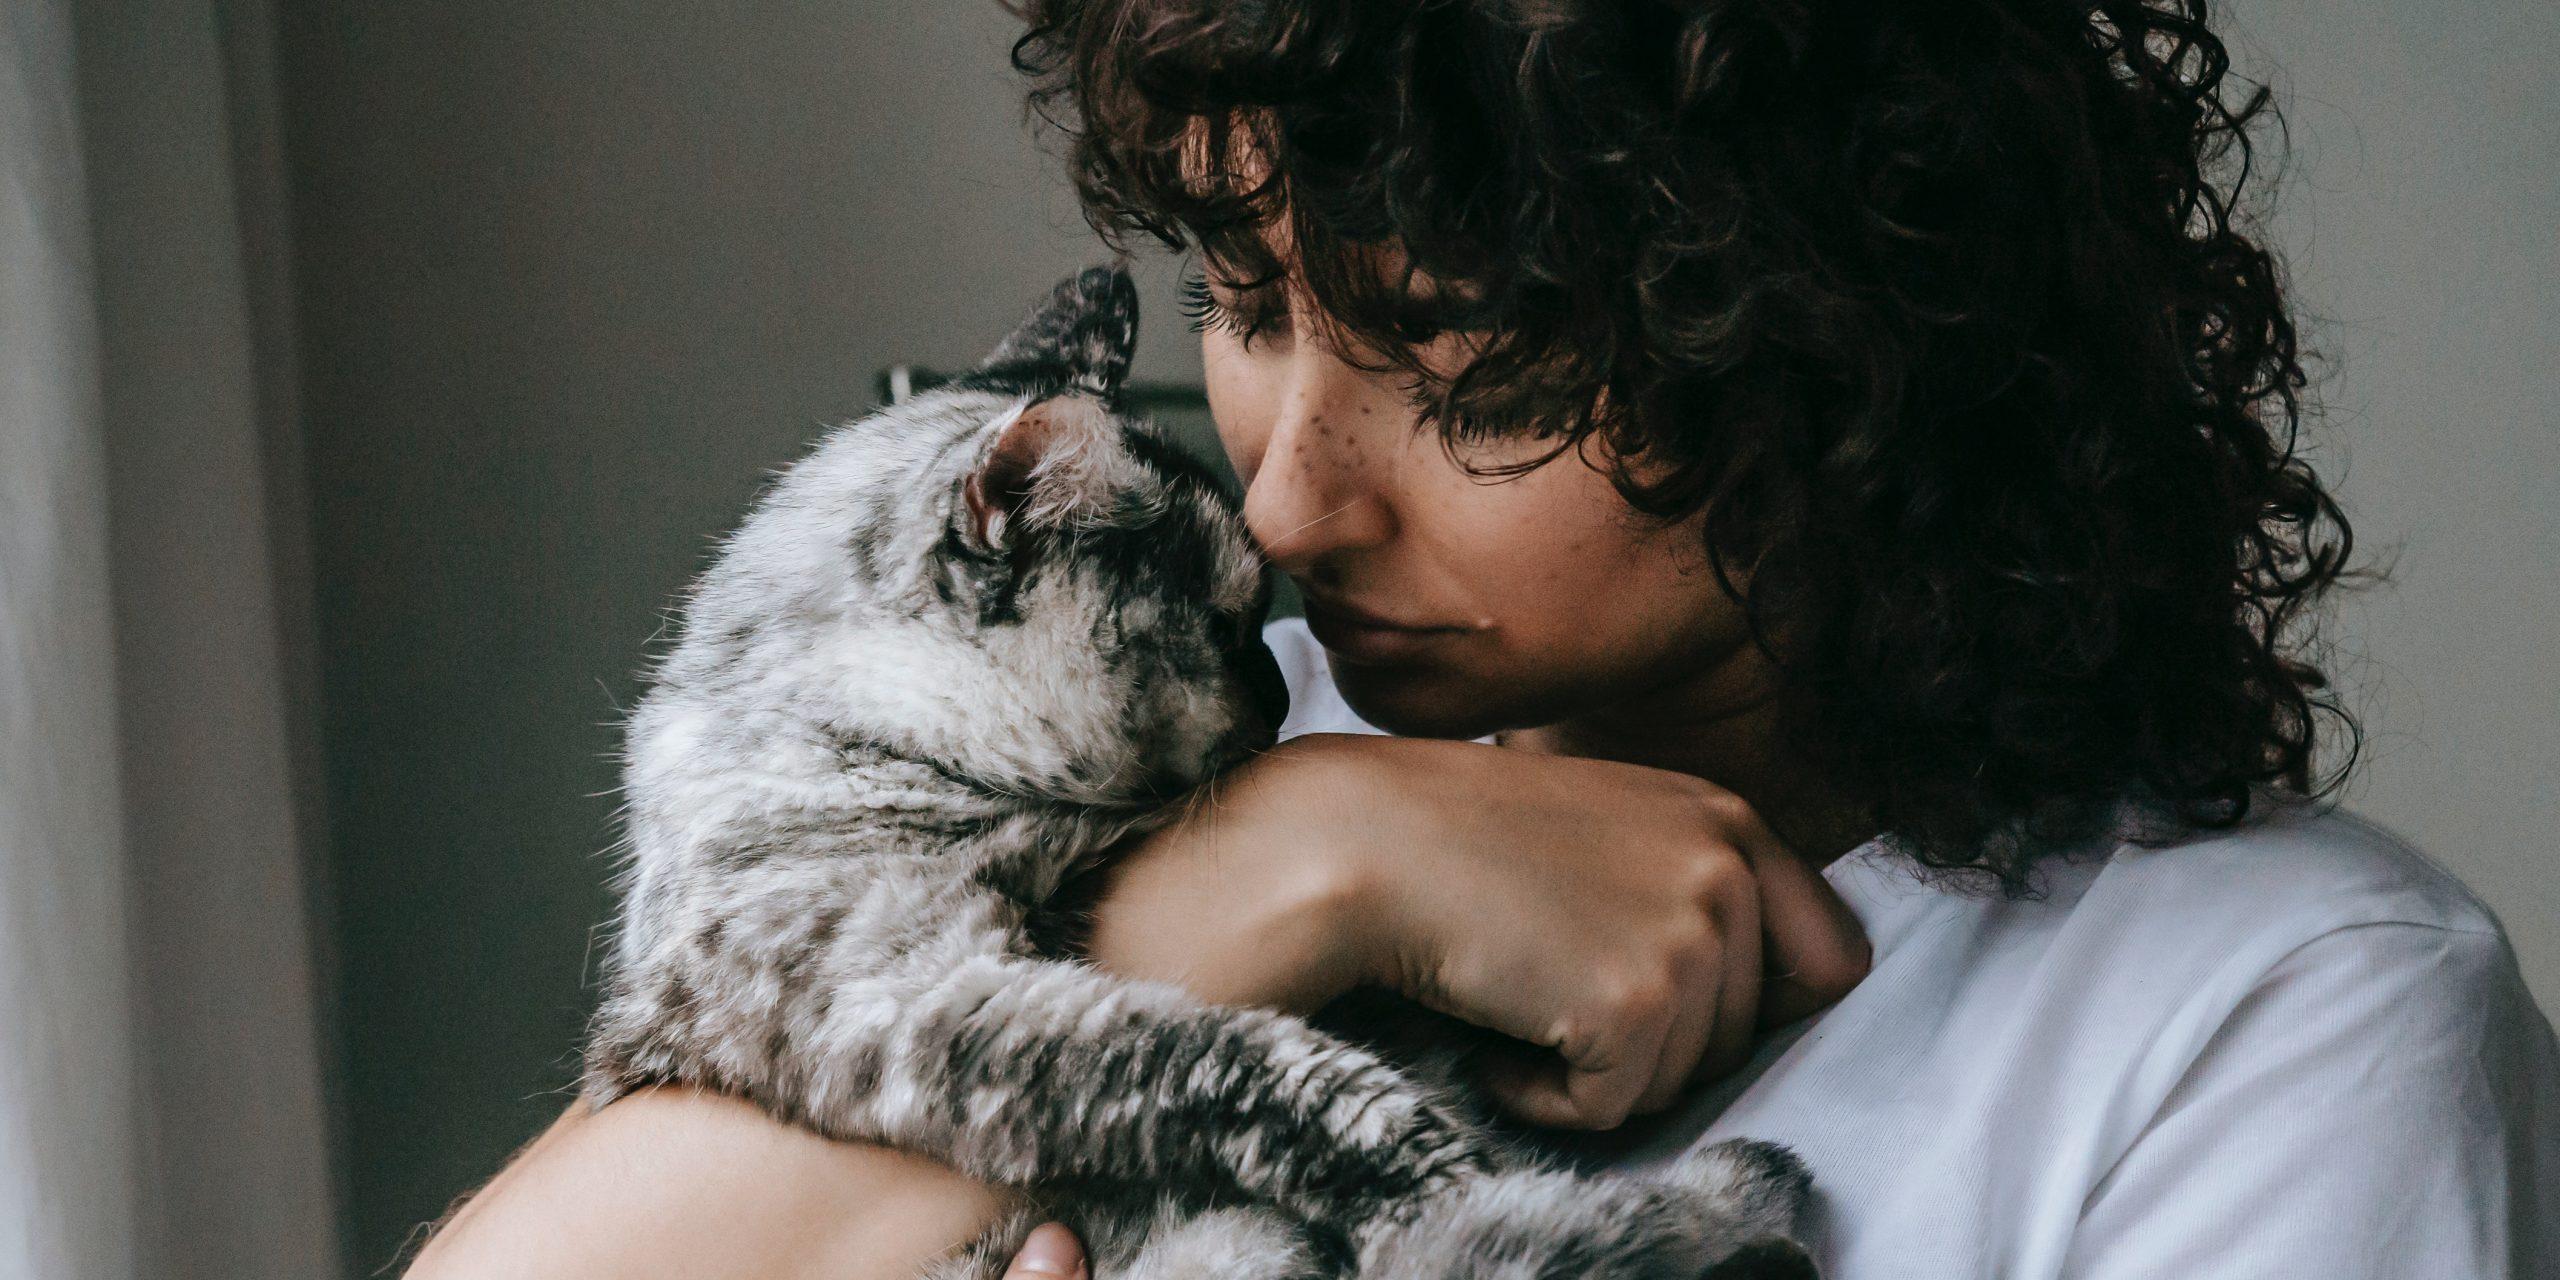 Csak a macskám vár haza esténként, de többet remélek az élettől…